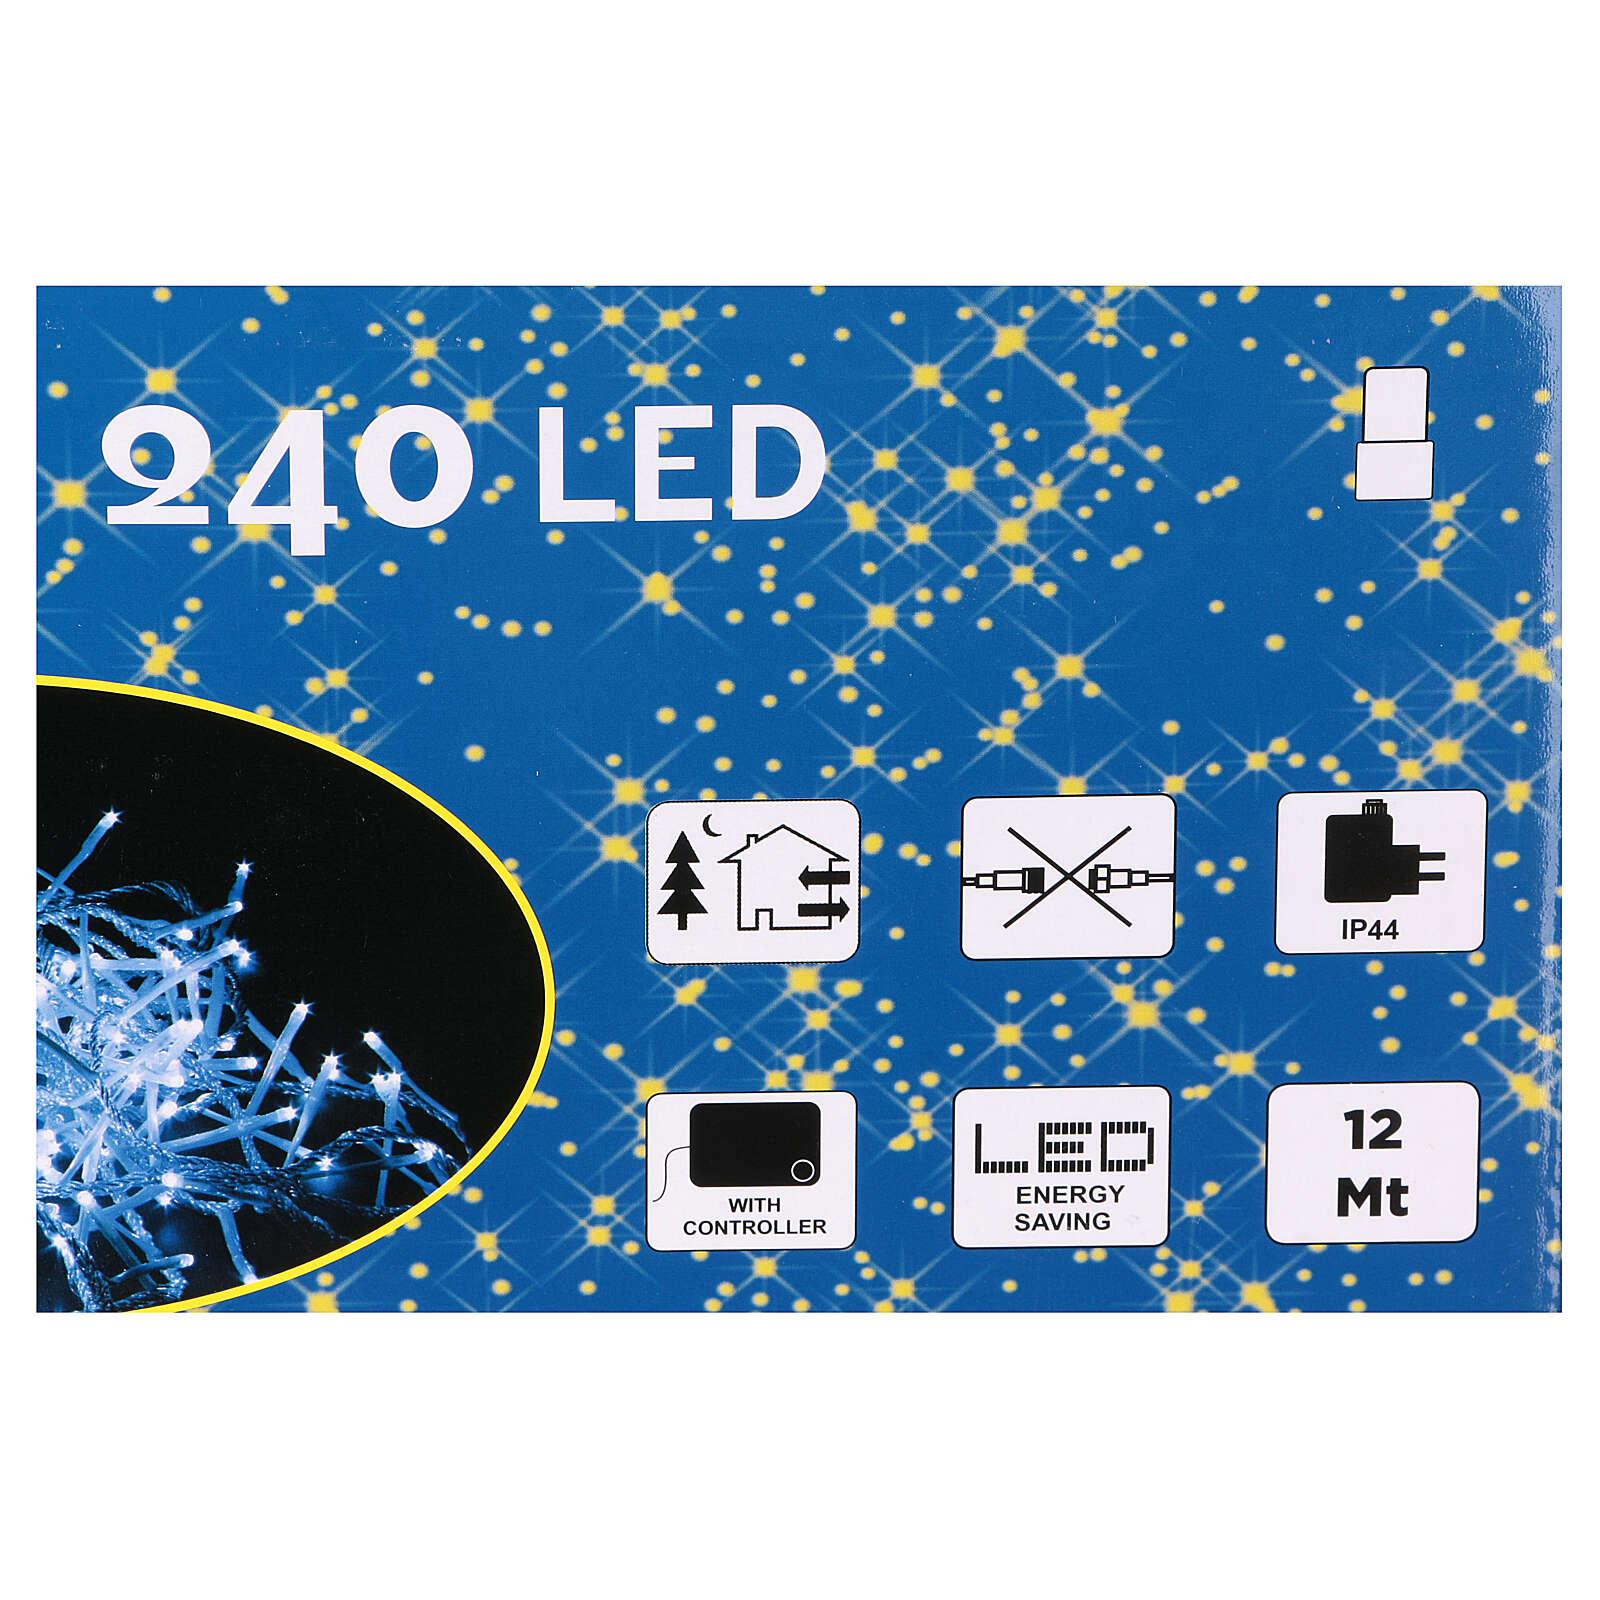 Luce Natalizia catena 240 led bianchi esterni interruttore 12 m 3